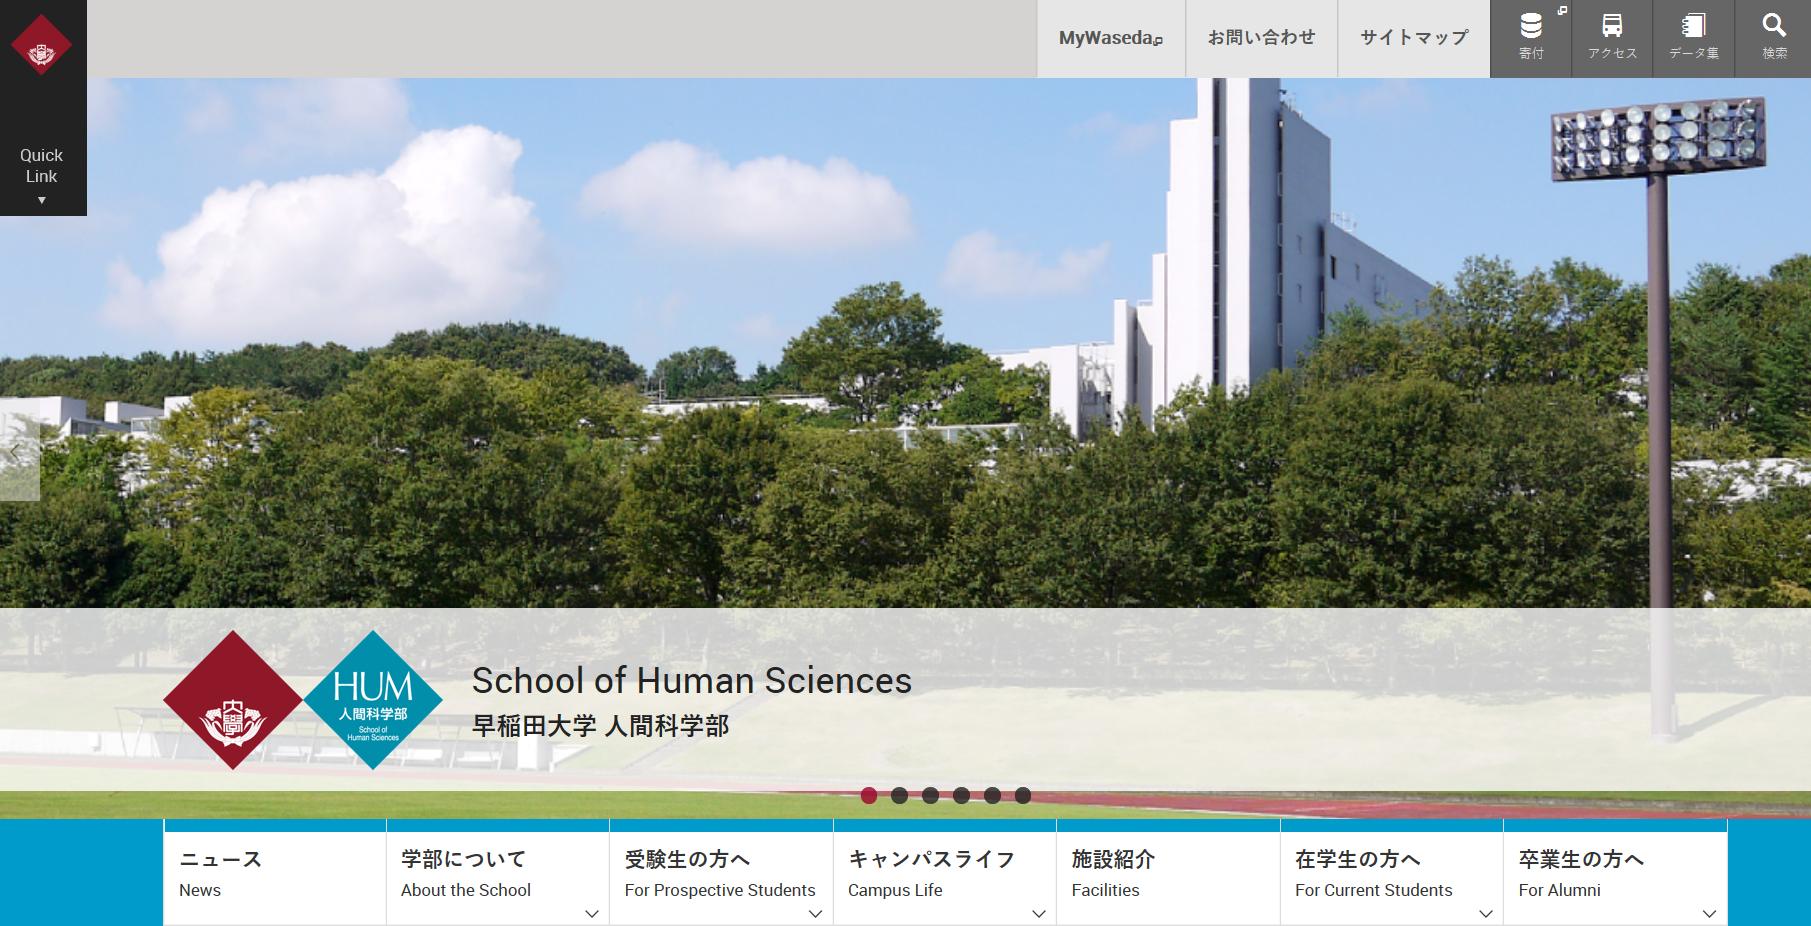 早稲田大学の評判・口コミ【人間科学部編】